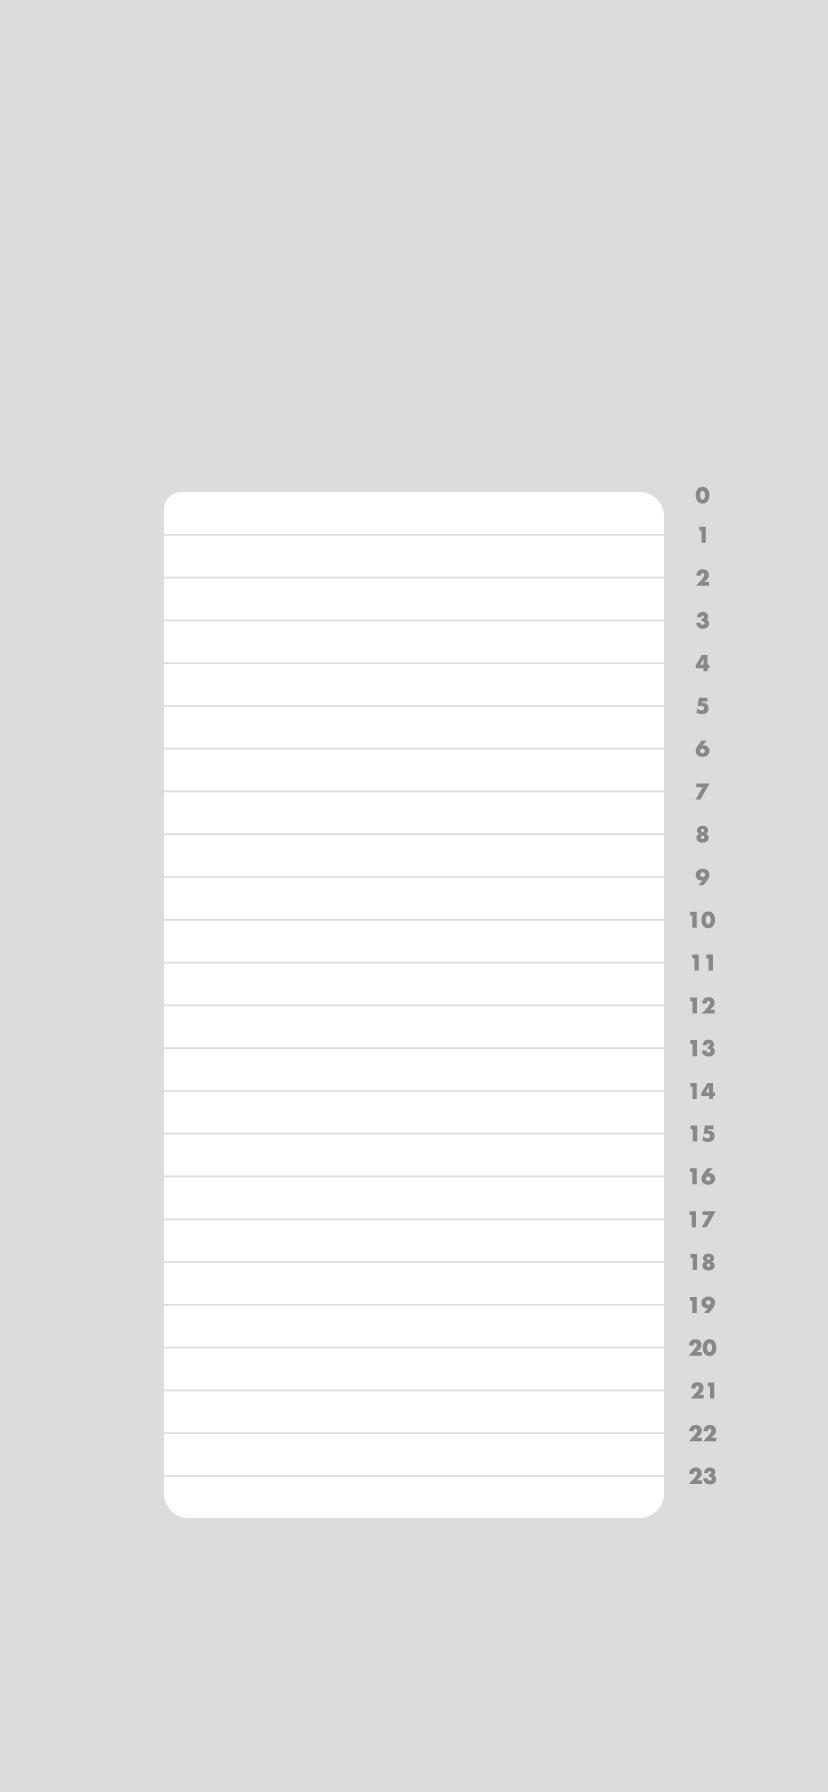 ツノダハジメ Detailess Na Twitteru 一日の生活をルーティン化して意識の高い生活をしたいと思い Iphoneのロック画面をタイムテーブルにできる壁紙を作りました タイムテーブルがおしゃれならある程度やる気がでるかな と考えました Noteでイラレデータを